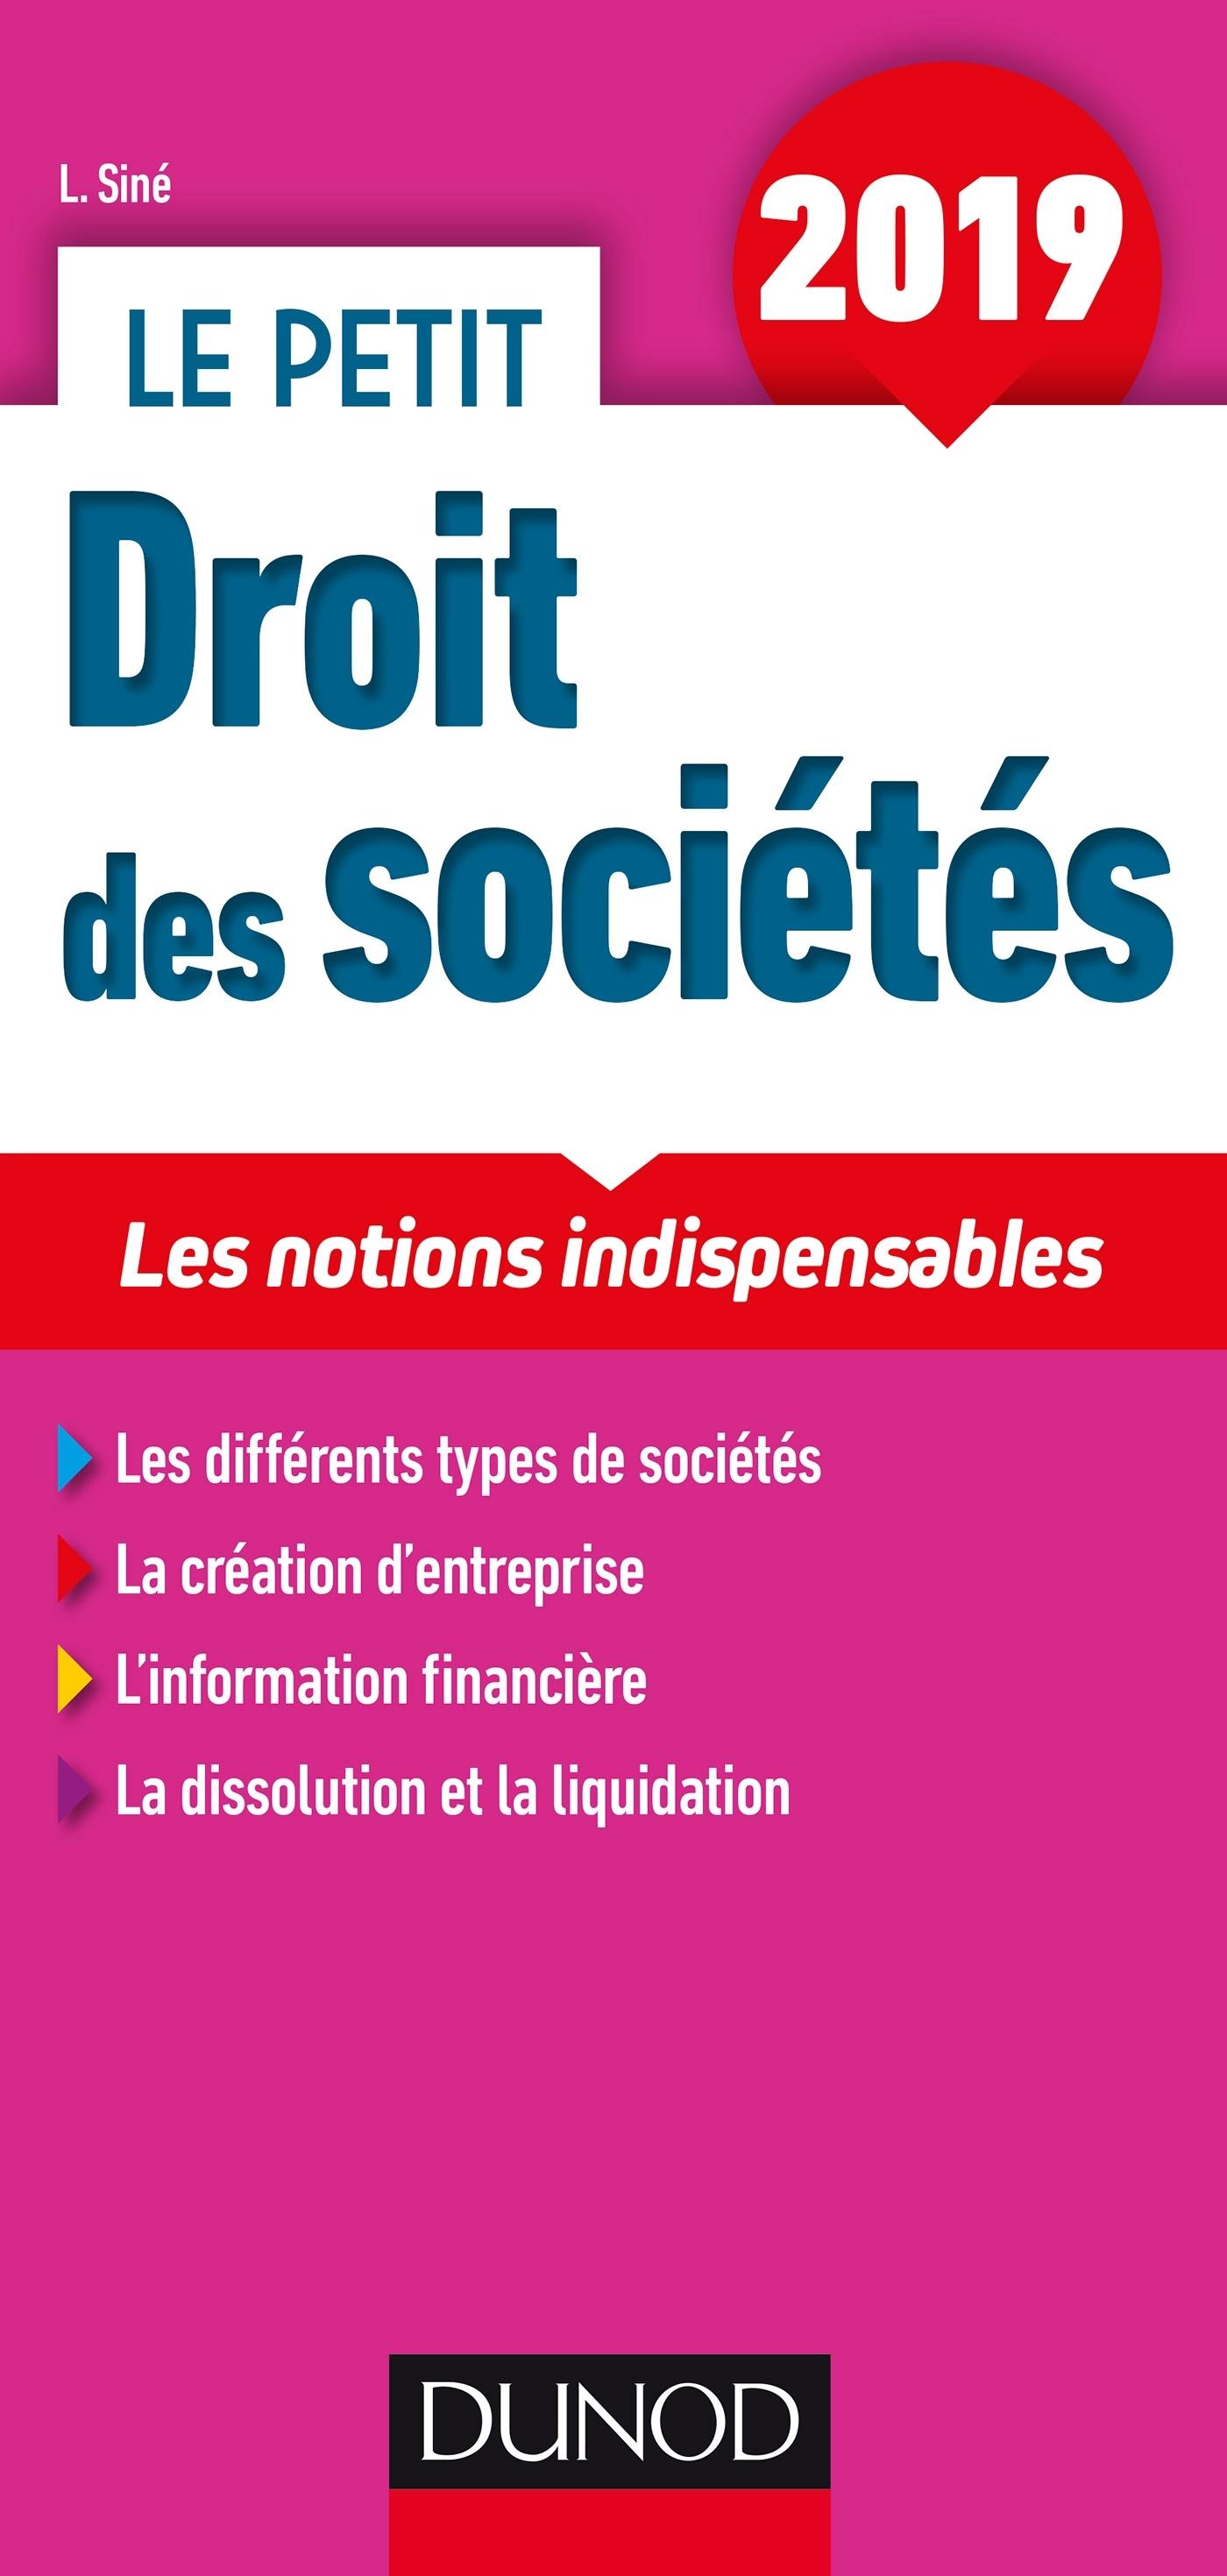 LE PETIT DROIT DES SOCIETES 2019 - LES NOTIONS INDISPENSABLES